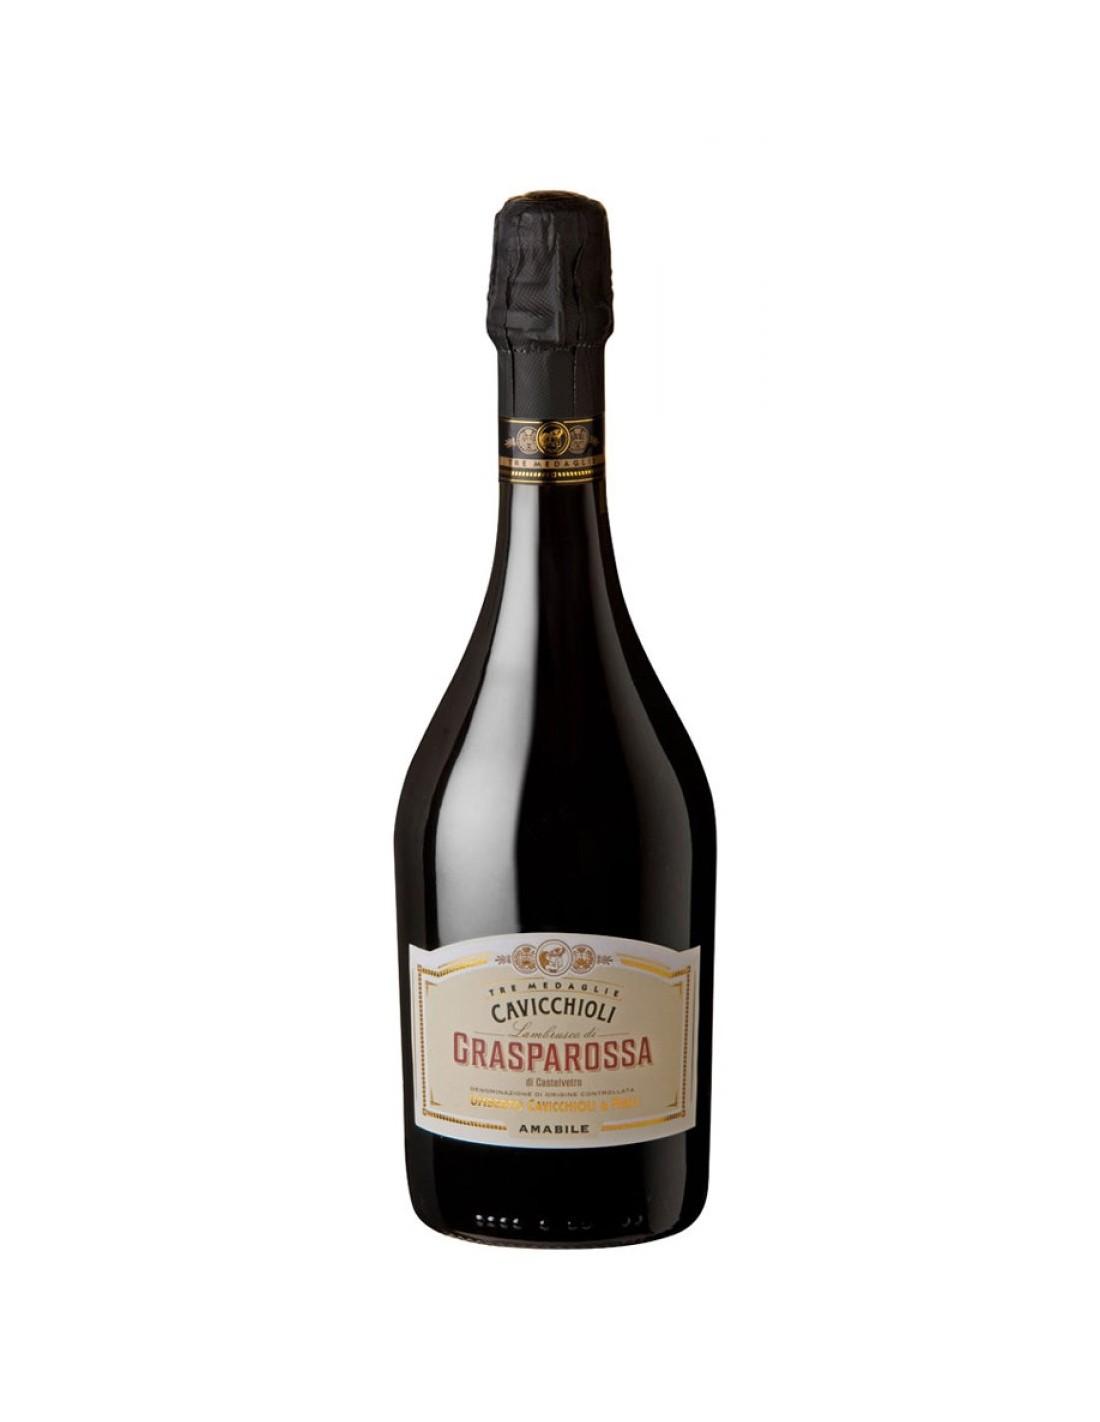 Vin frizzante Cavicchioli Grasparossa Amabile, 8% alc., 0.75L, Italia